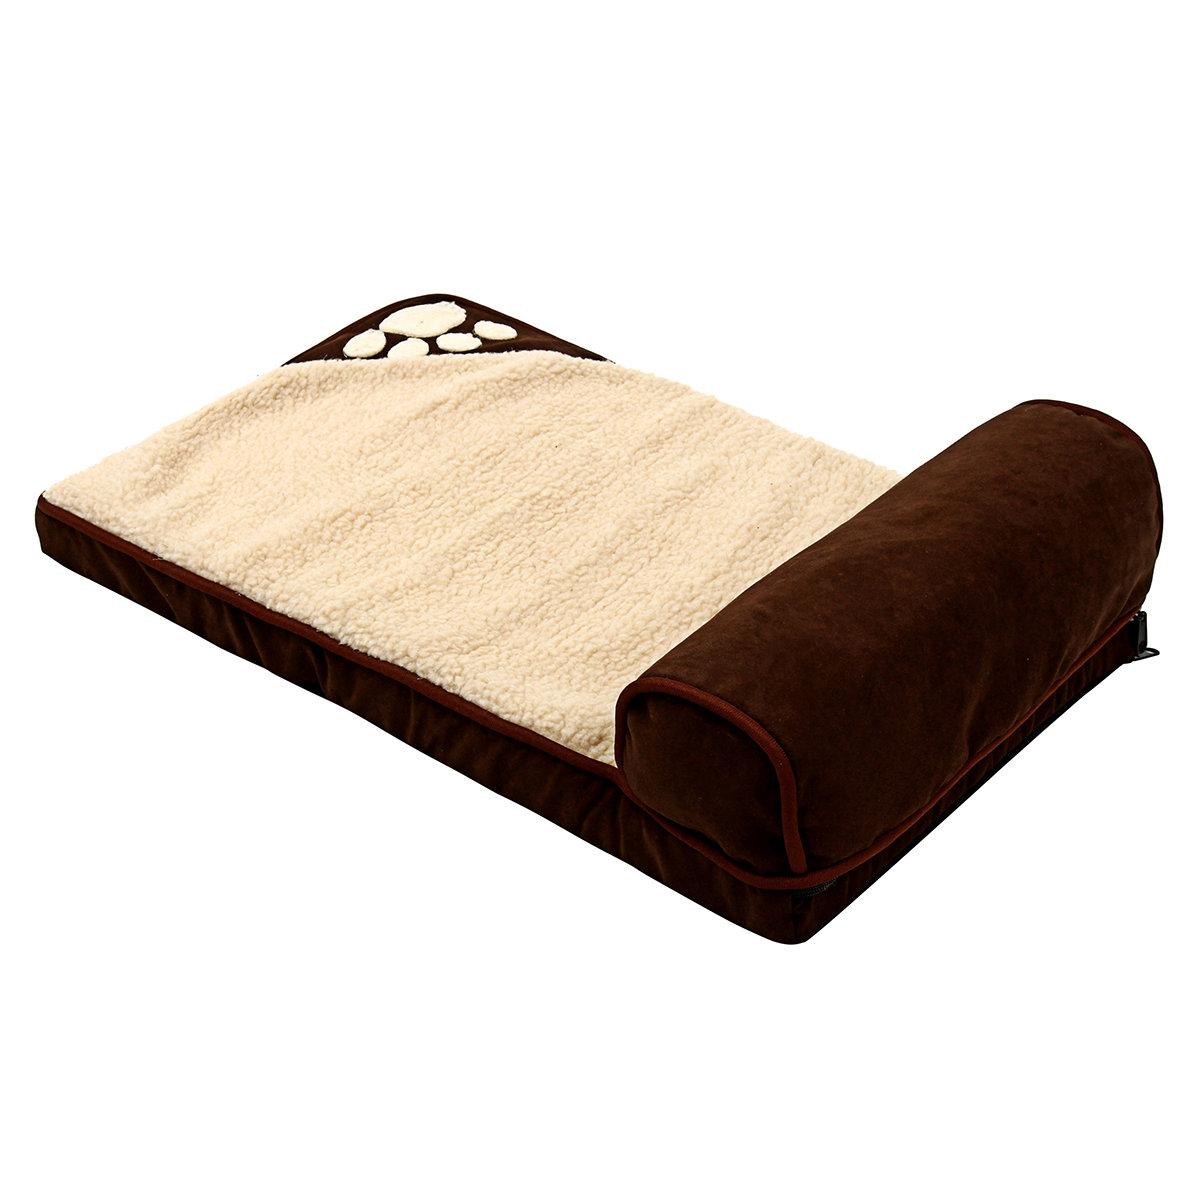 Extra Large Jumbo Orthopedic Sponge Pet Dog Bed Dog Baskets Winter Warm Kennel